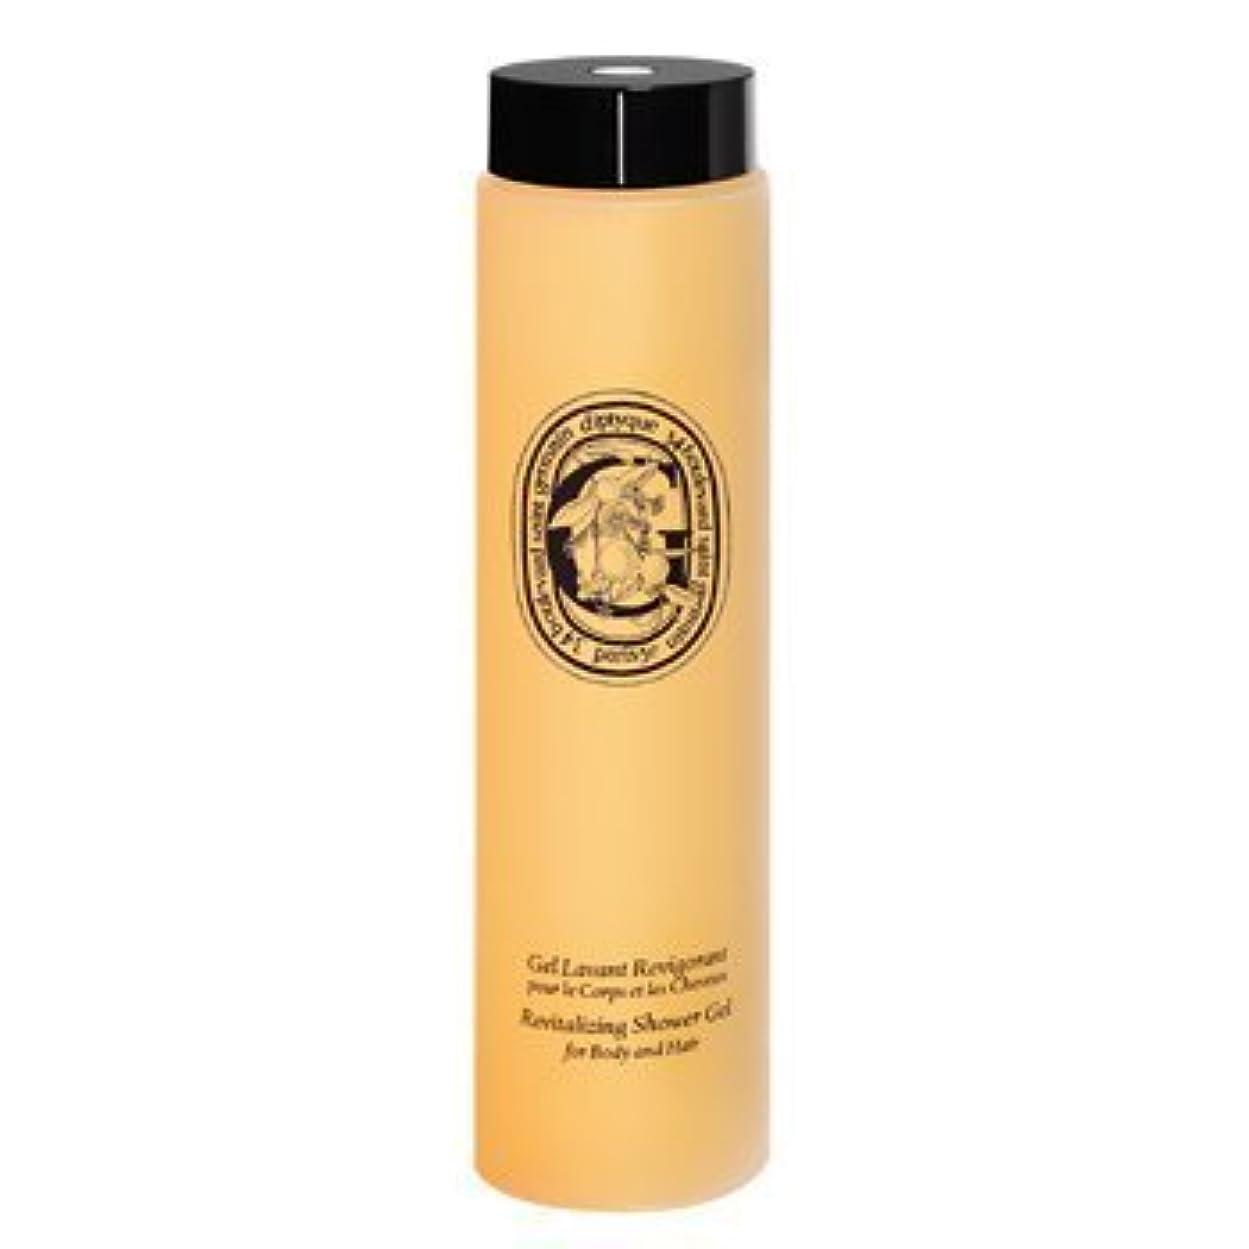 遵守する大陸ダーベビルのテスDiptyque The Art of Body Care Revitalizing Shower Gel Hair & Body-6.8 oz by Diptyque [並行輸入品]